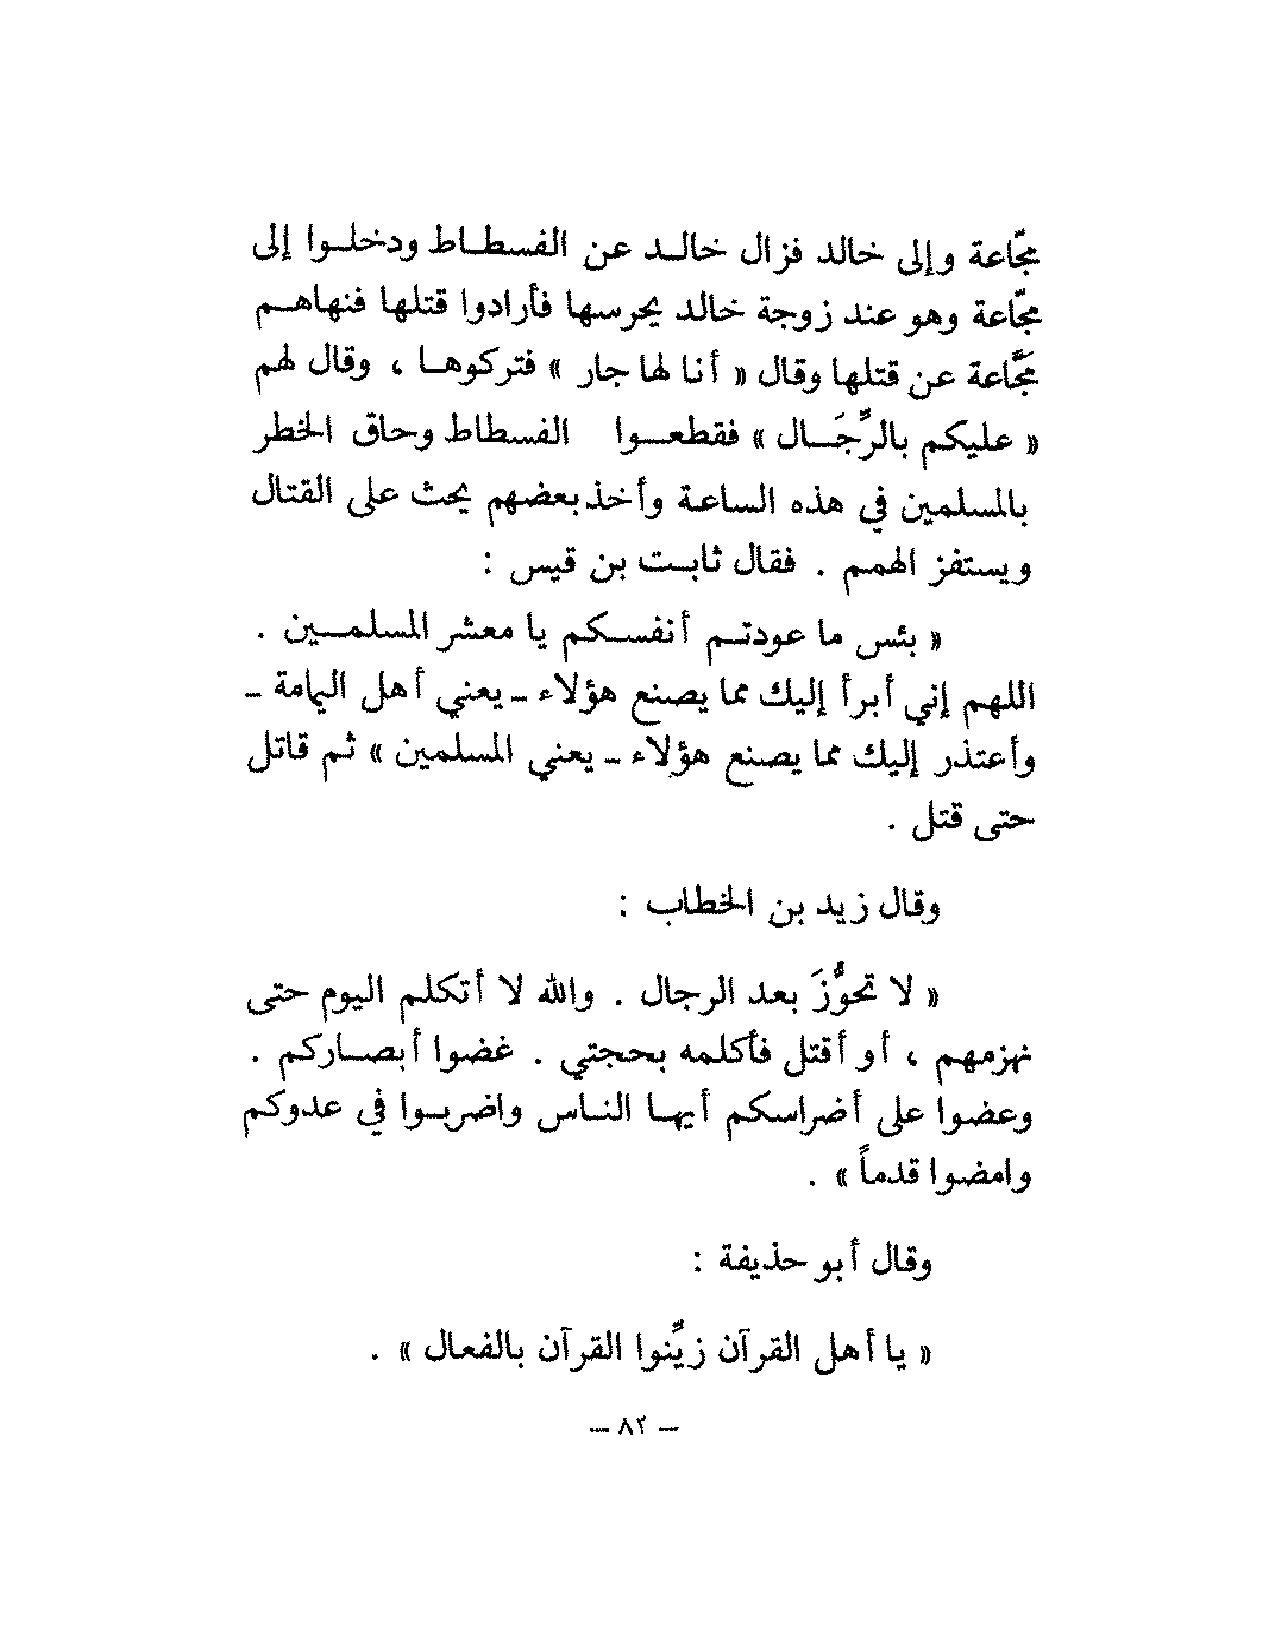 كتاب الخلفاء الراشدين ابو زيد شلبي pdf